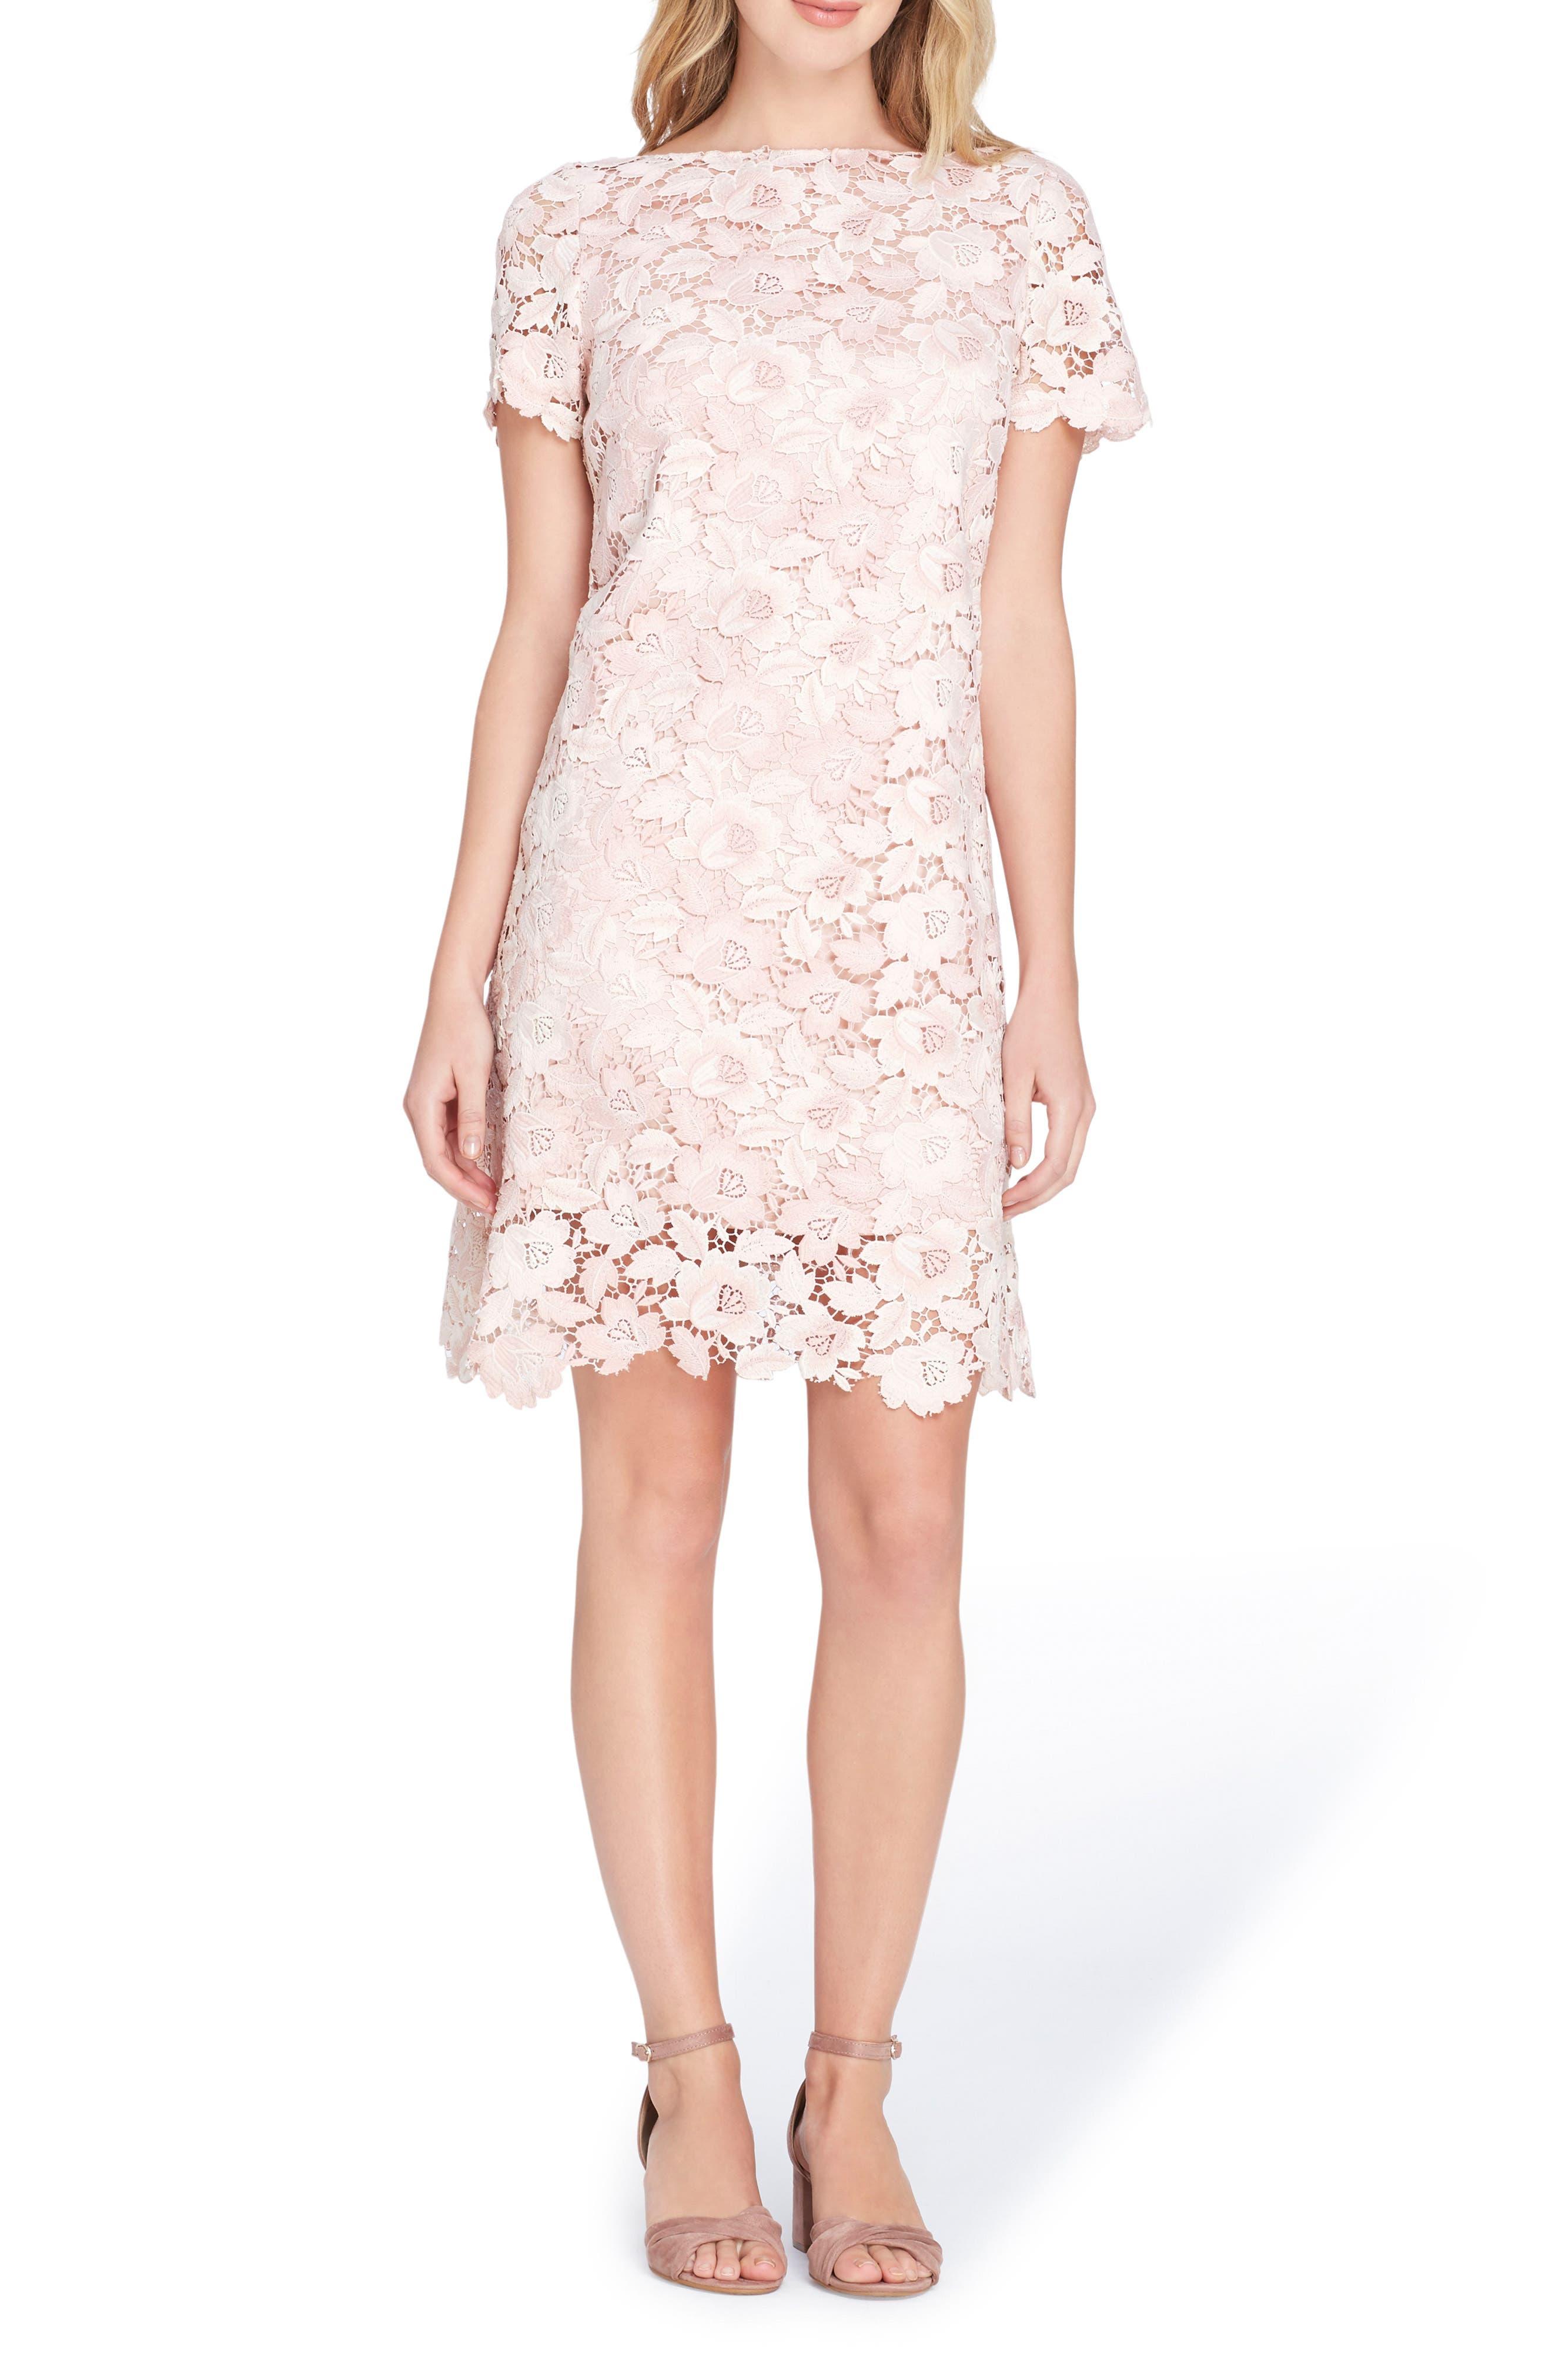 Lace Sheath Dress,                             Main thumbnail 1, color,                             Ivory/ Blush